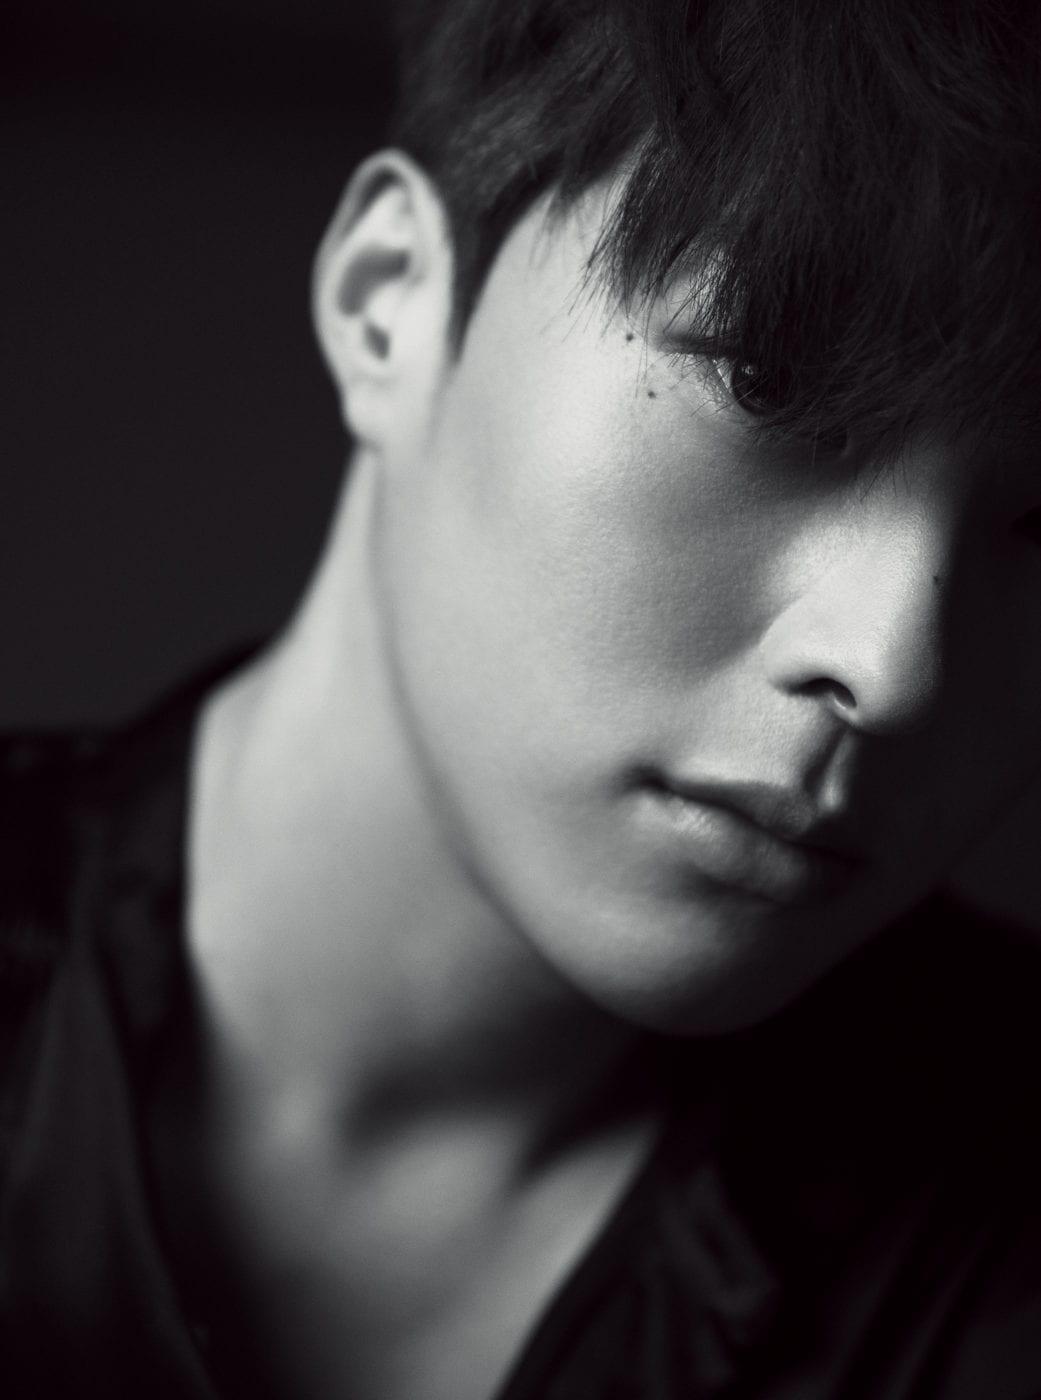 Jang Ki Yong 5 - Jang Ki Yong Berbicara Tentang Kepribadian Kehidupan Nyata-Nya!